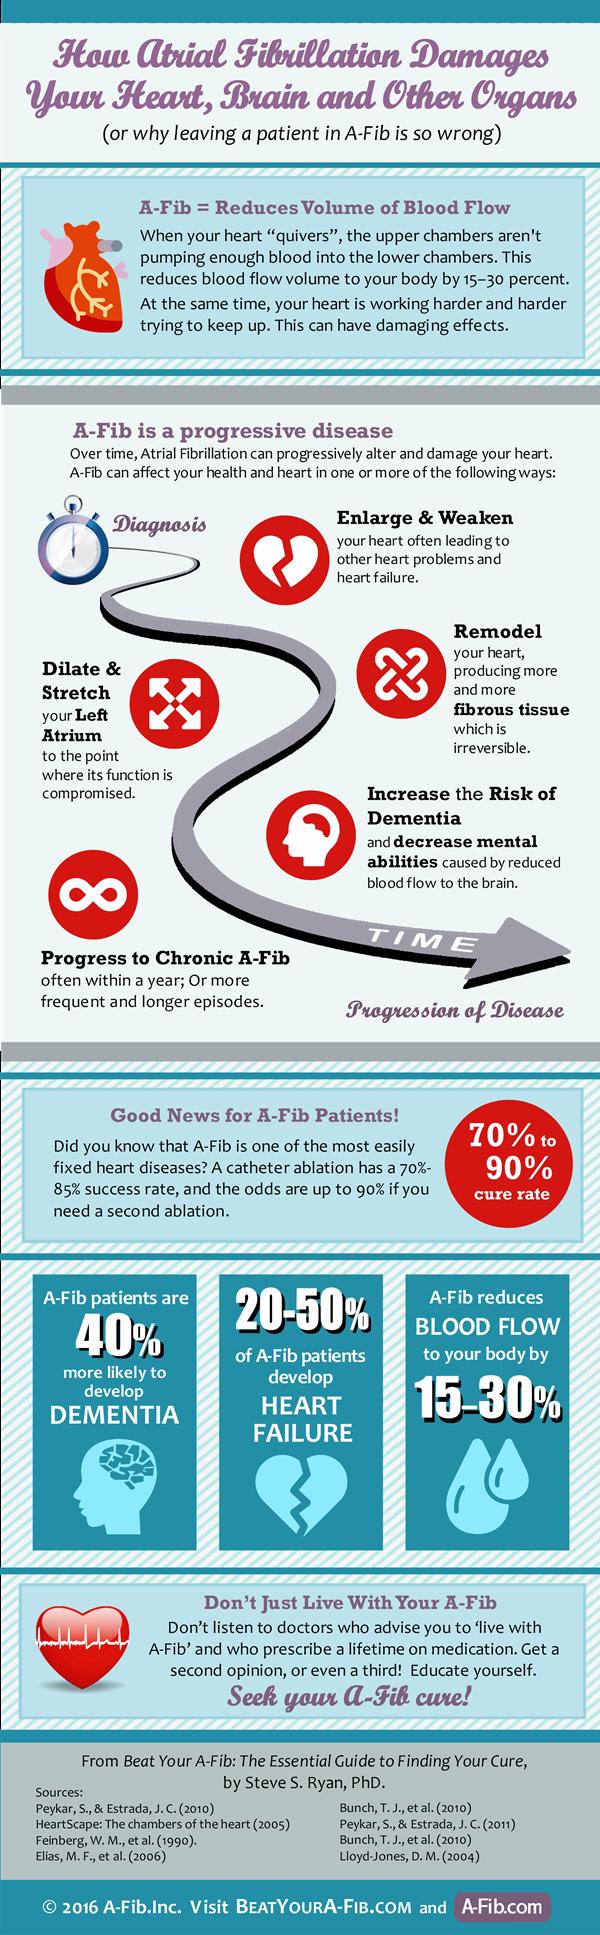 A-Fib is progressive disease - Infographic Aug 2016